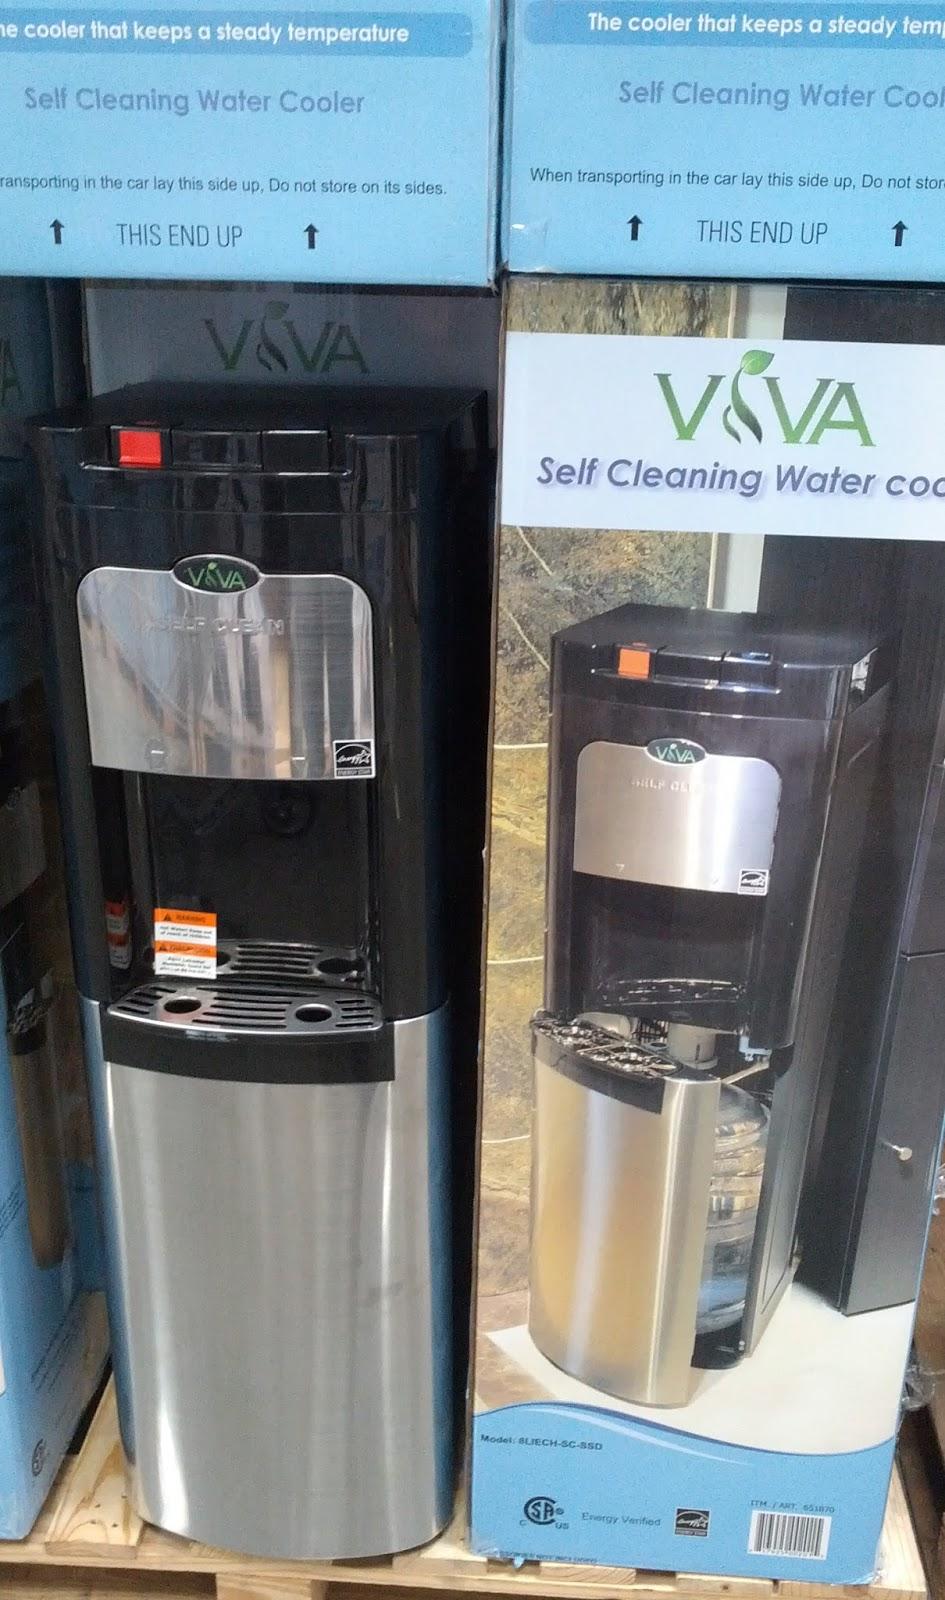 Water Cooler Dispenser Costco : water, cooler, dispenser, costco, Cleaning, Water, Cooler, Costco, Weekender